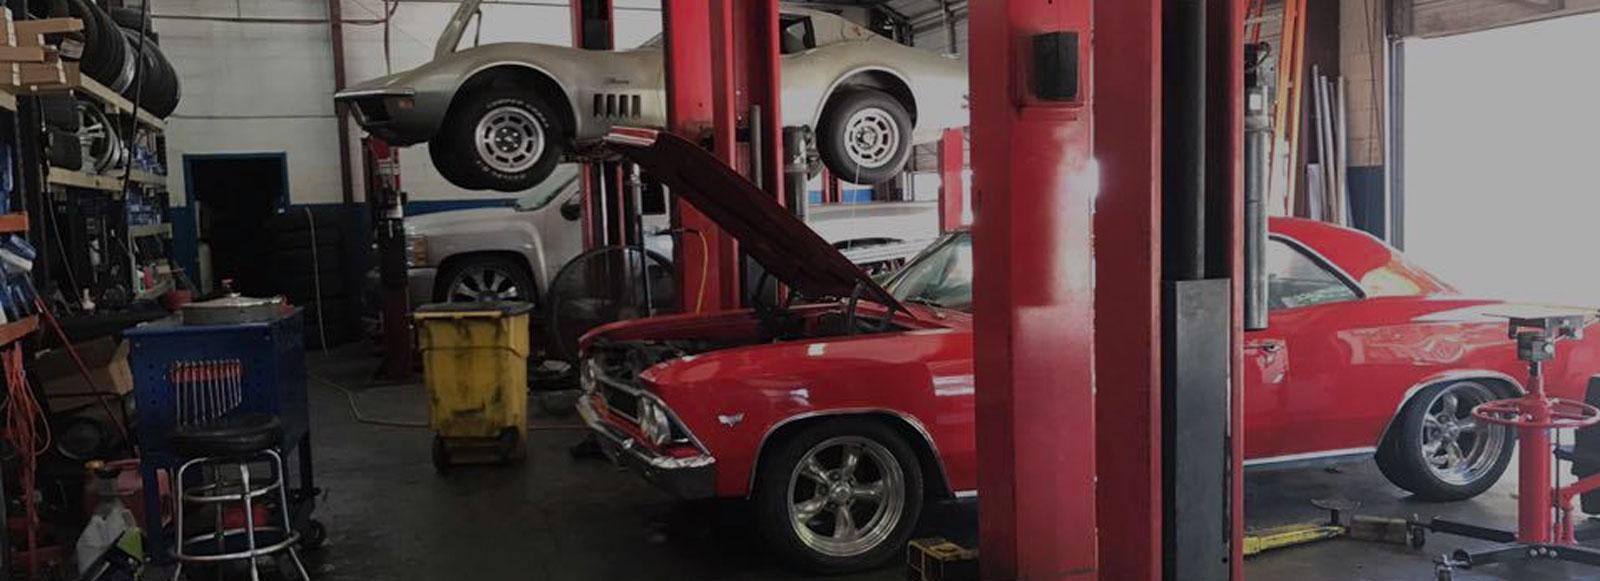 America's Choice Automotive - expert auto repair - Sugar Land, TX 77478